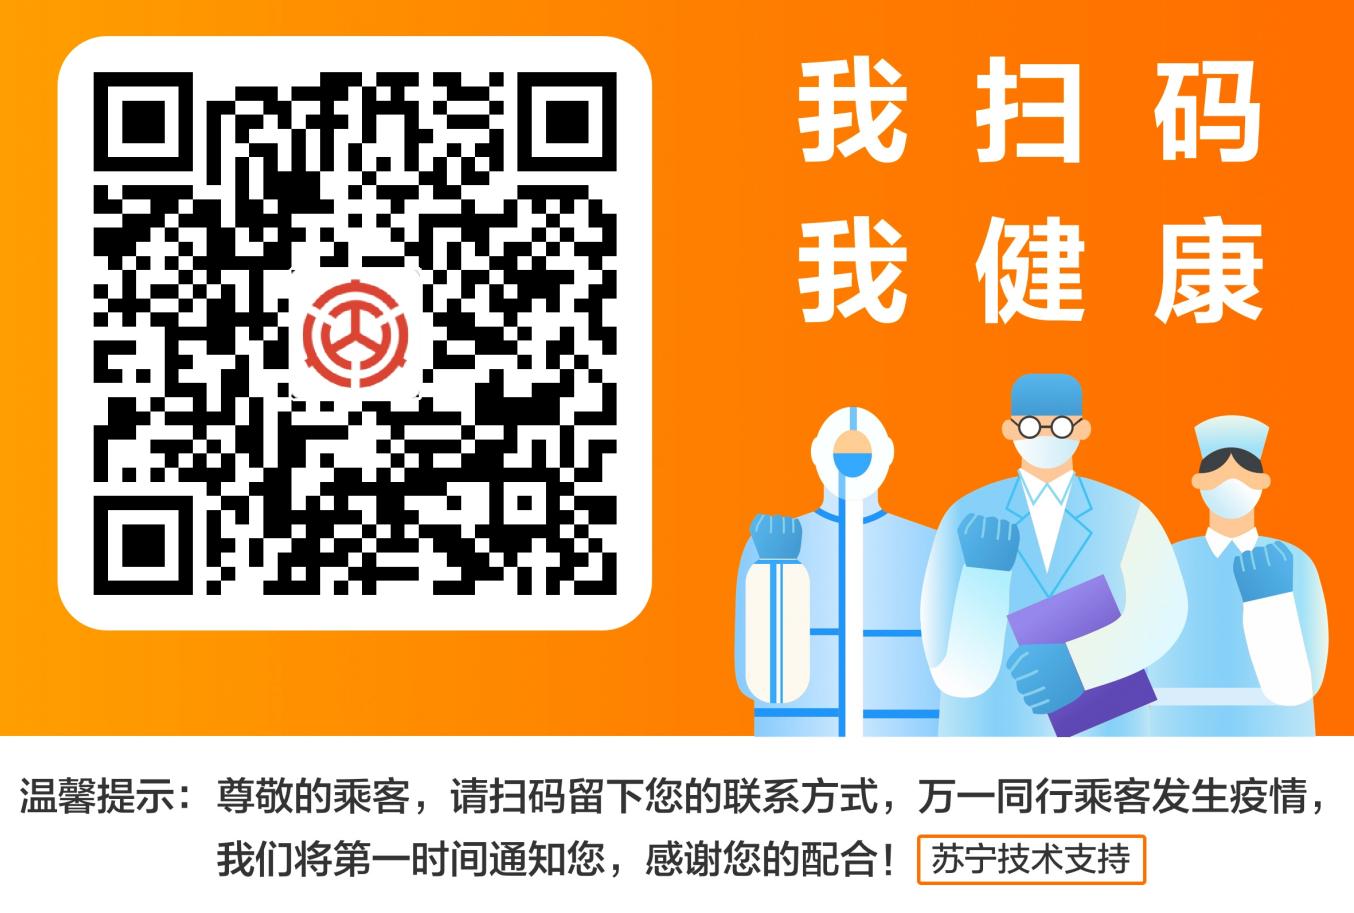 """苏宁推出免费抗""""疫""""公共出行信息系统  助力智慧城市建设"""